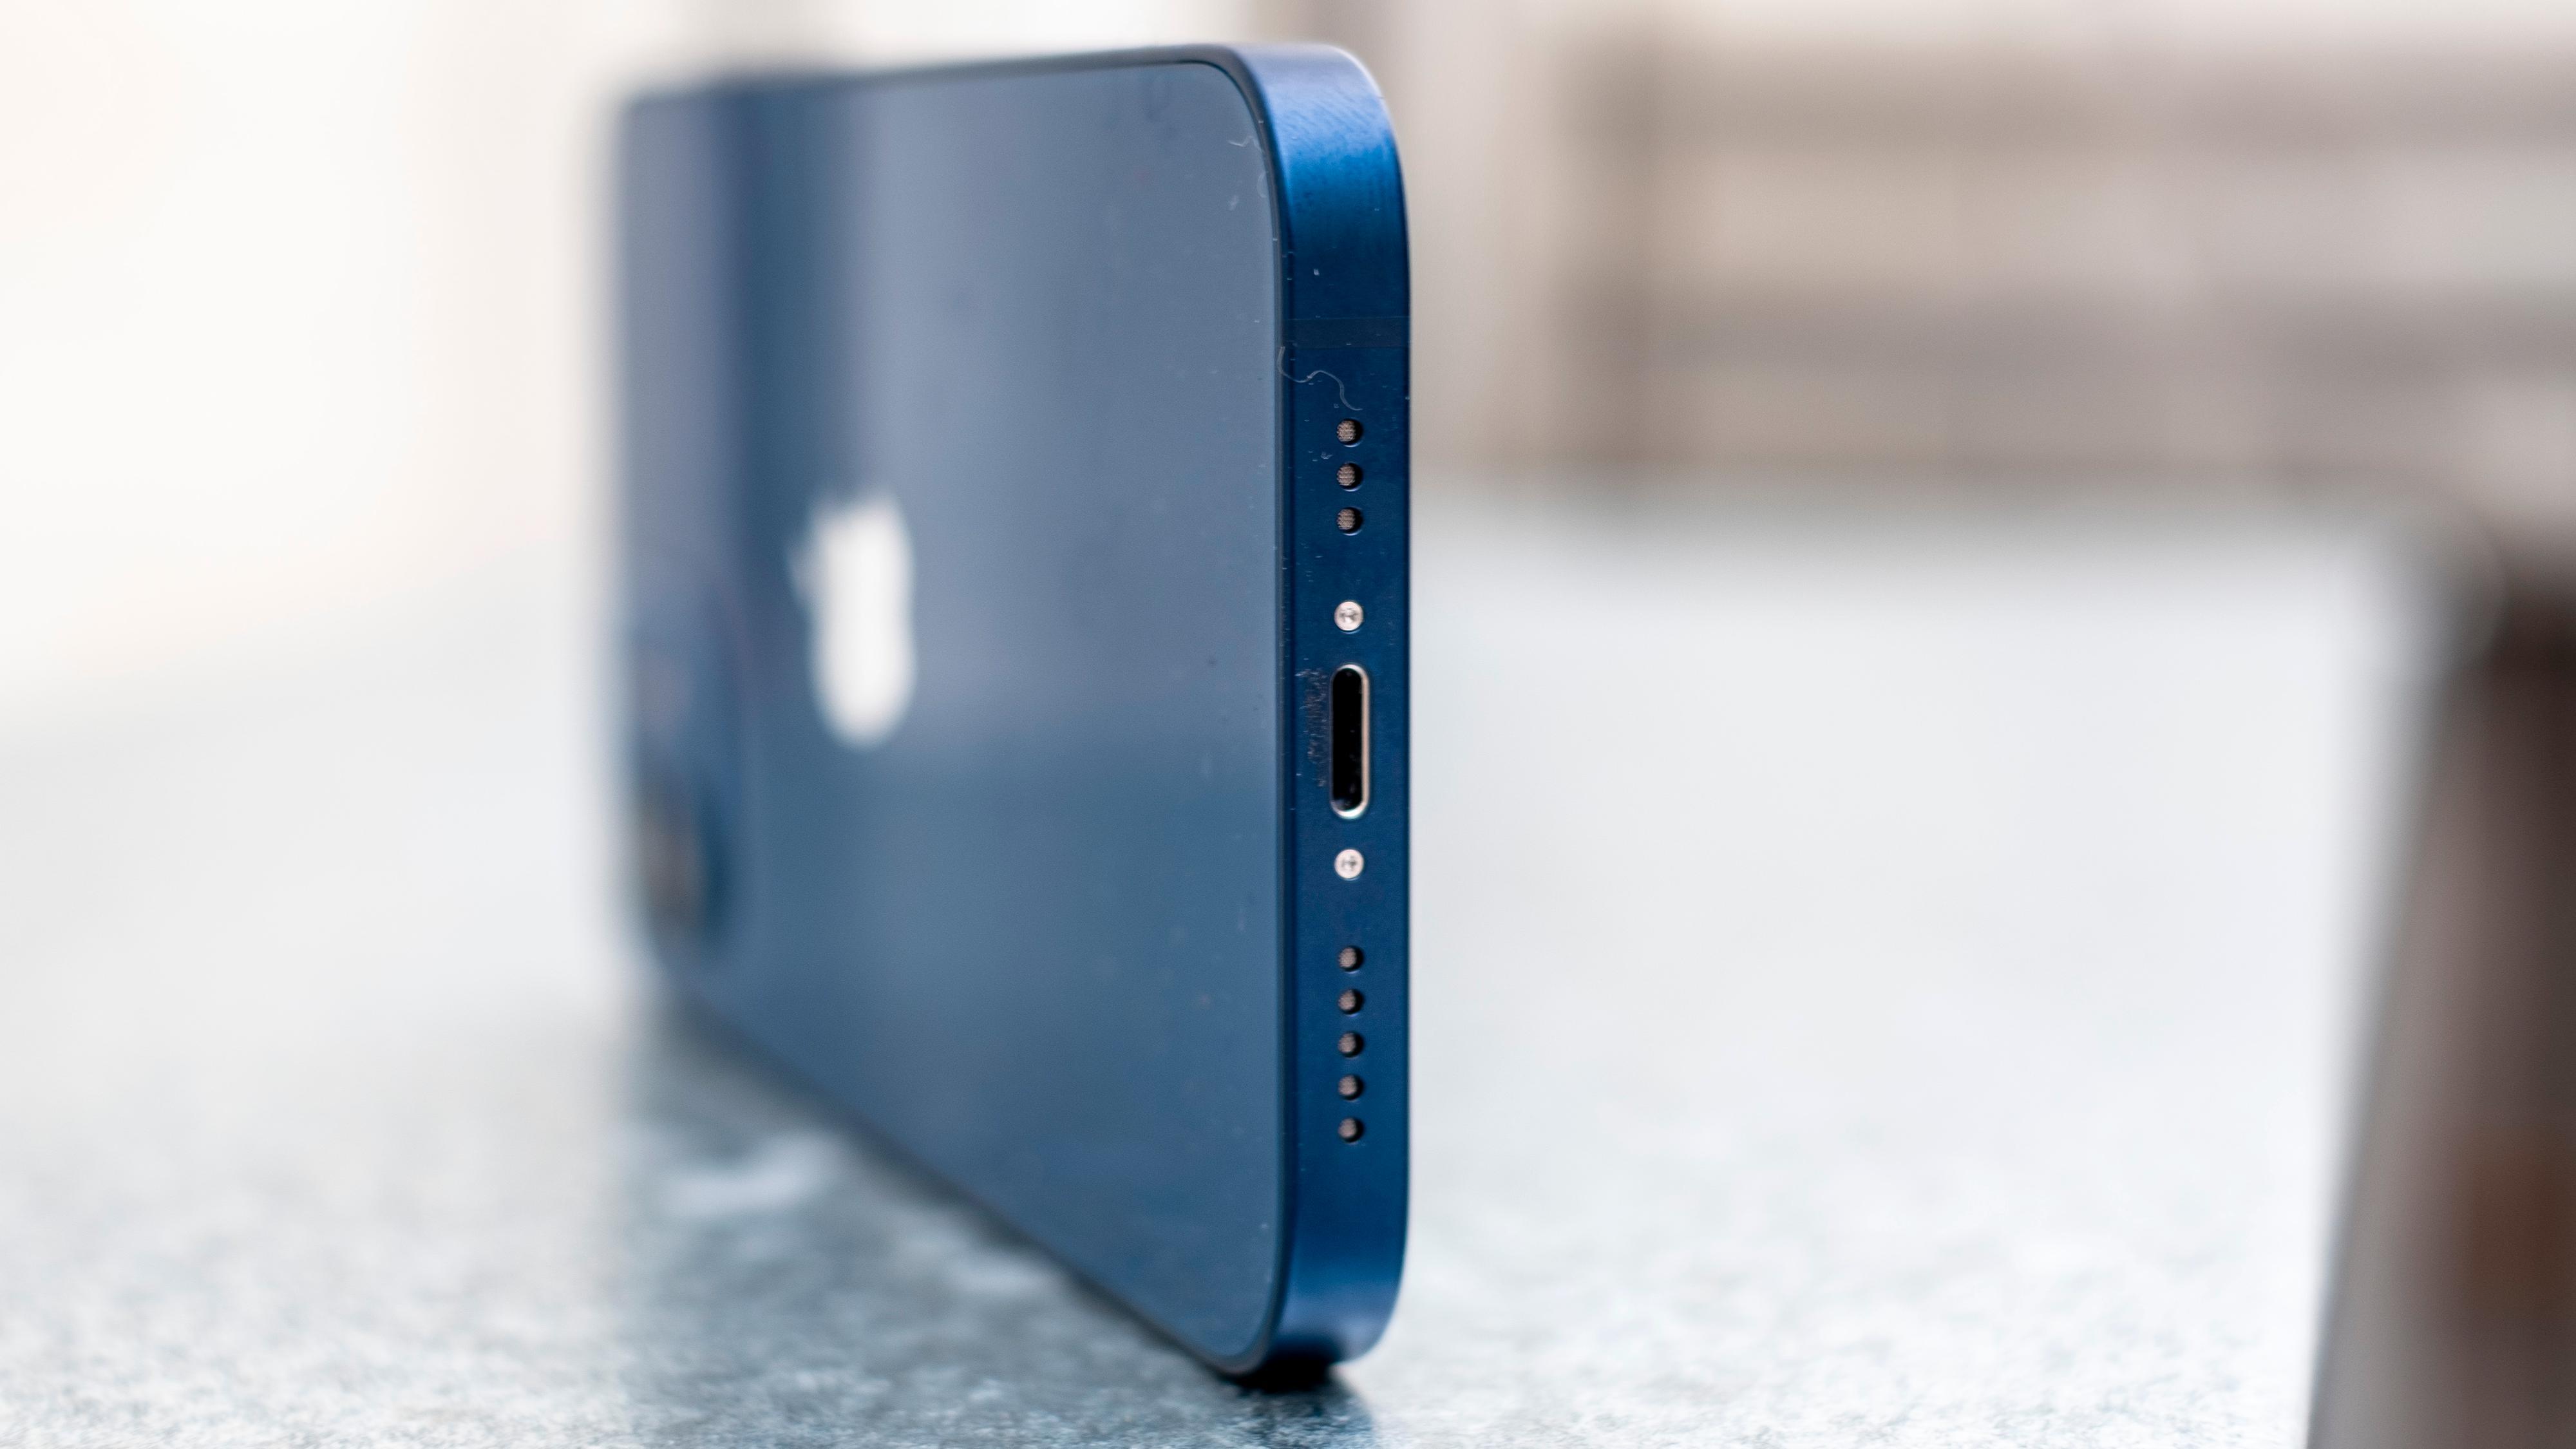 I bunnen finner du en kraftig høyttaler og en Lightning-kontakt for lading. Med fokuset på MagSafe mistenker jeg at Lightning-kontakten forsvinner helt før Apple eventuelt velger å standardisere også telefonene på USB C.